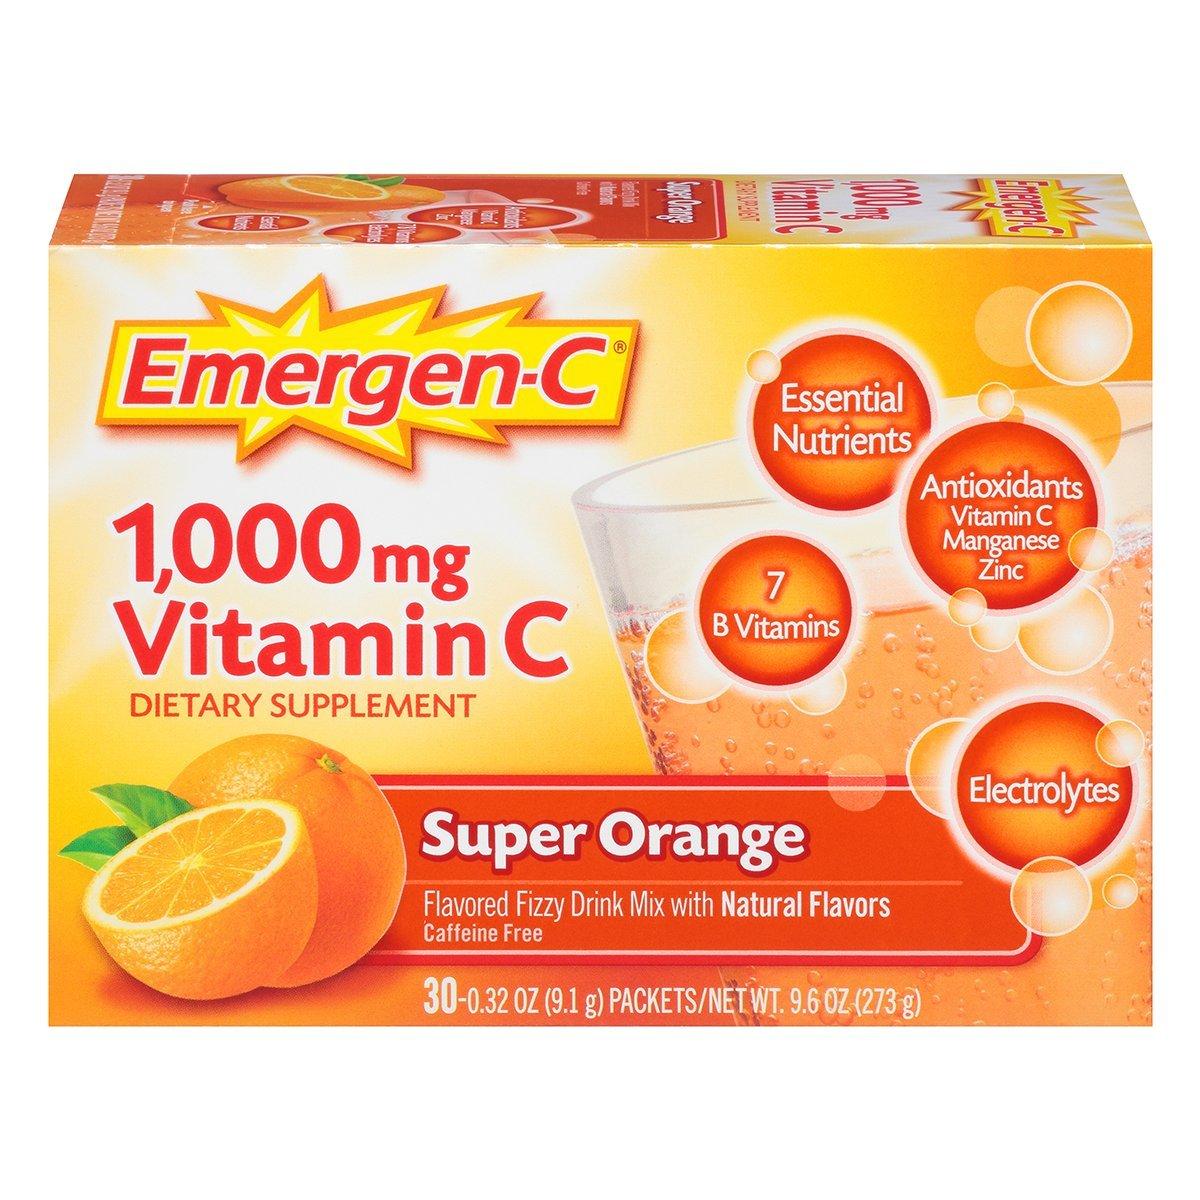 Alacer - Emergen-C vitamina C naranja Super 1000 mg - 30 Paquetes: Amazon.es: Salud y cuidado personal